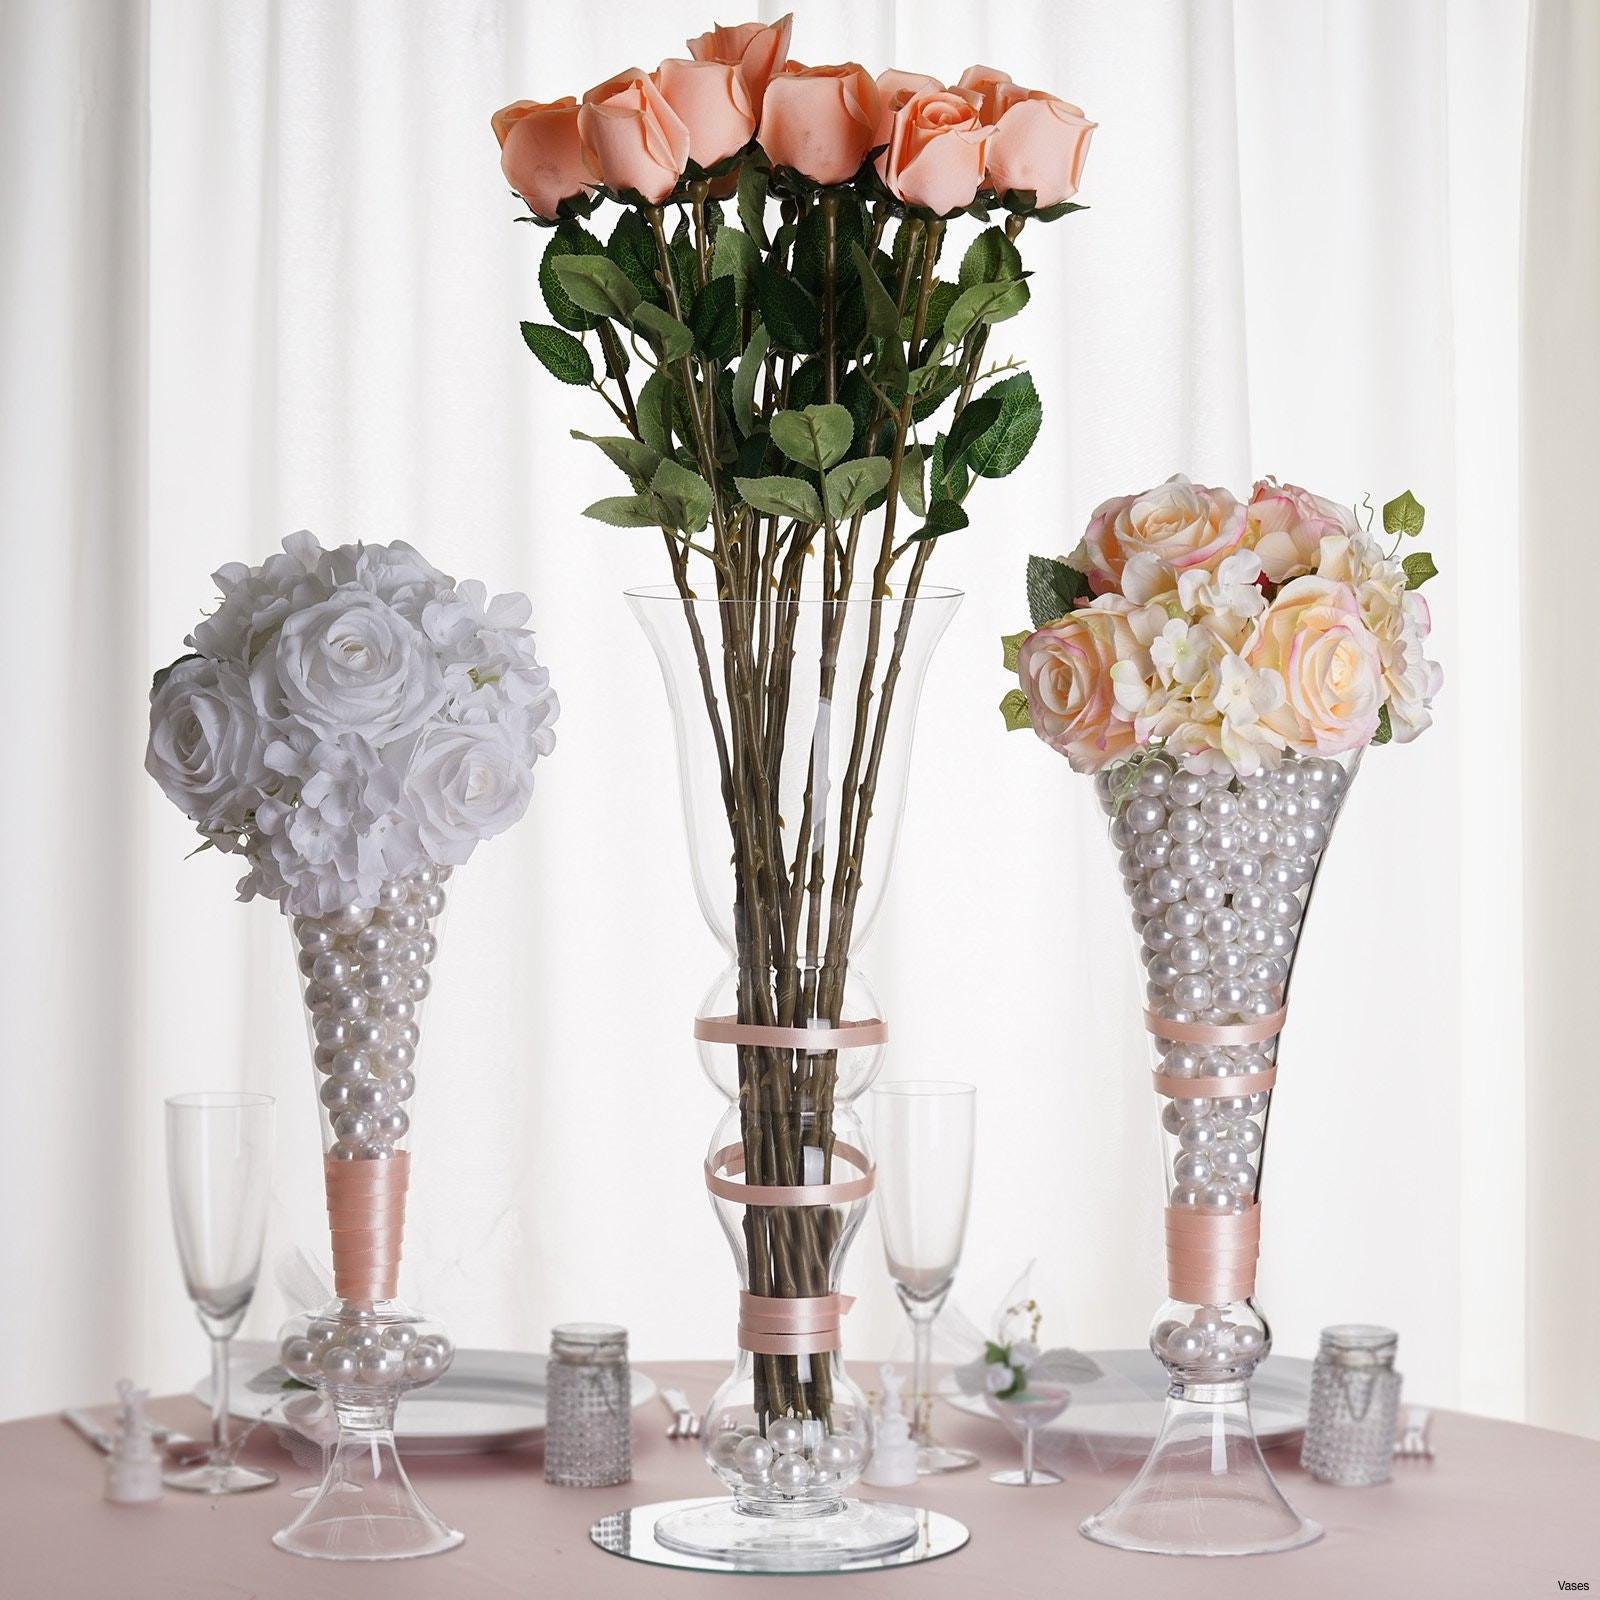 36 glass vase of table des saveurs unique flower vase table 04h vases tablei 0d within flower vase table 04h vases tablei 0d clipart dining base end design